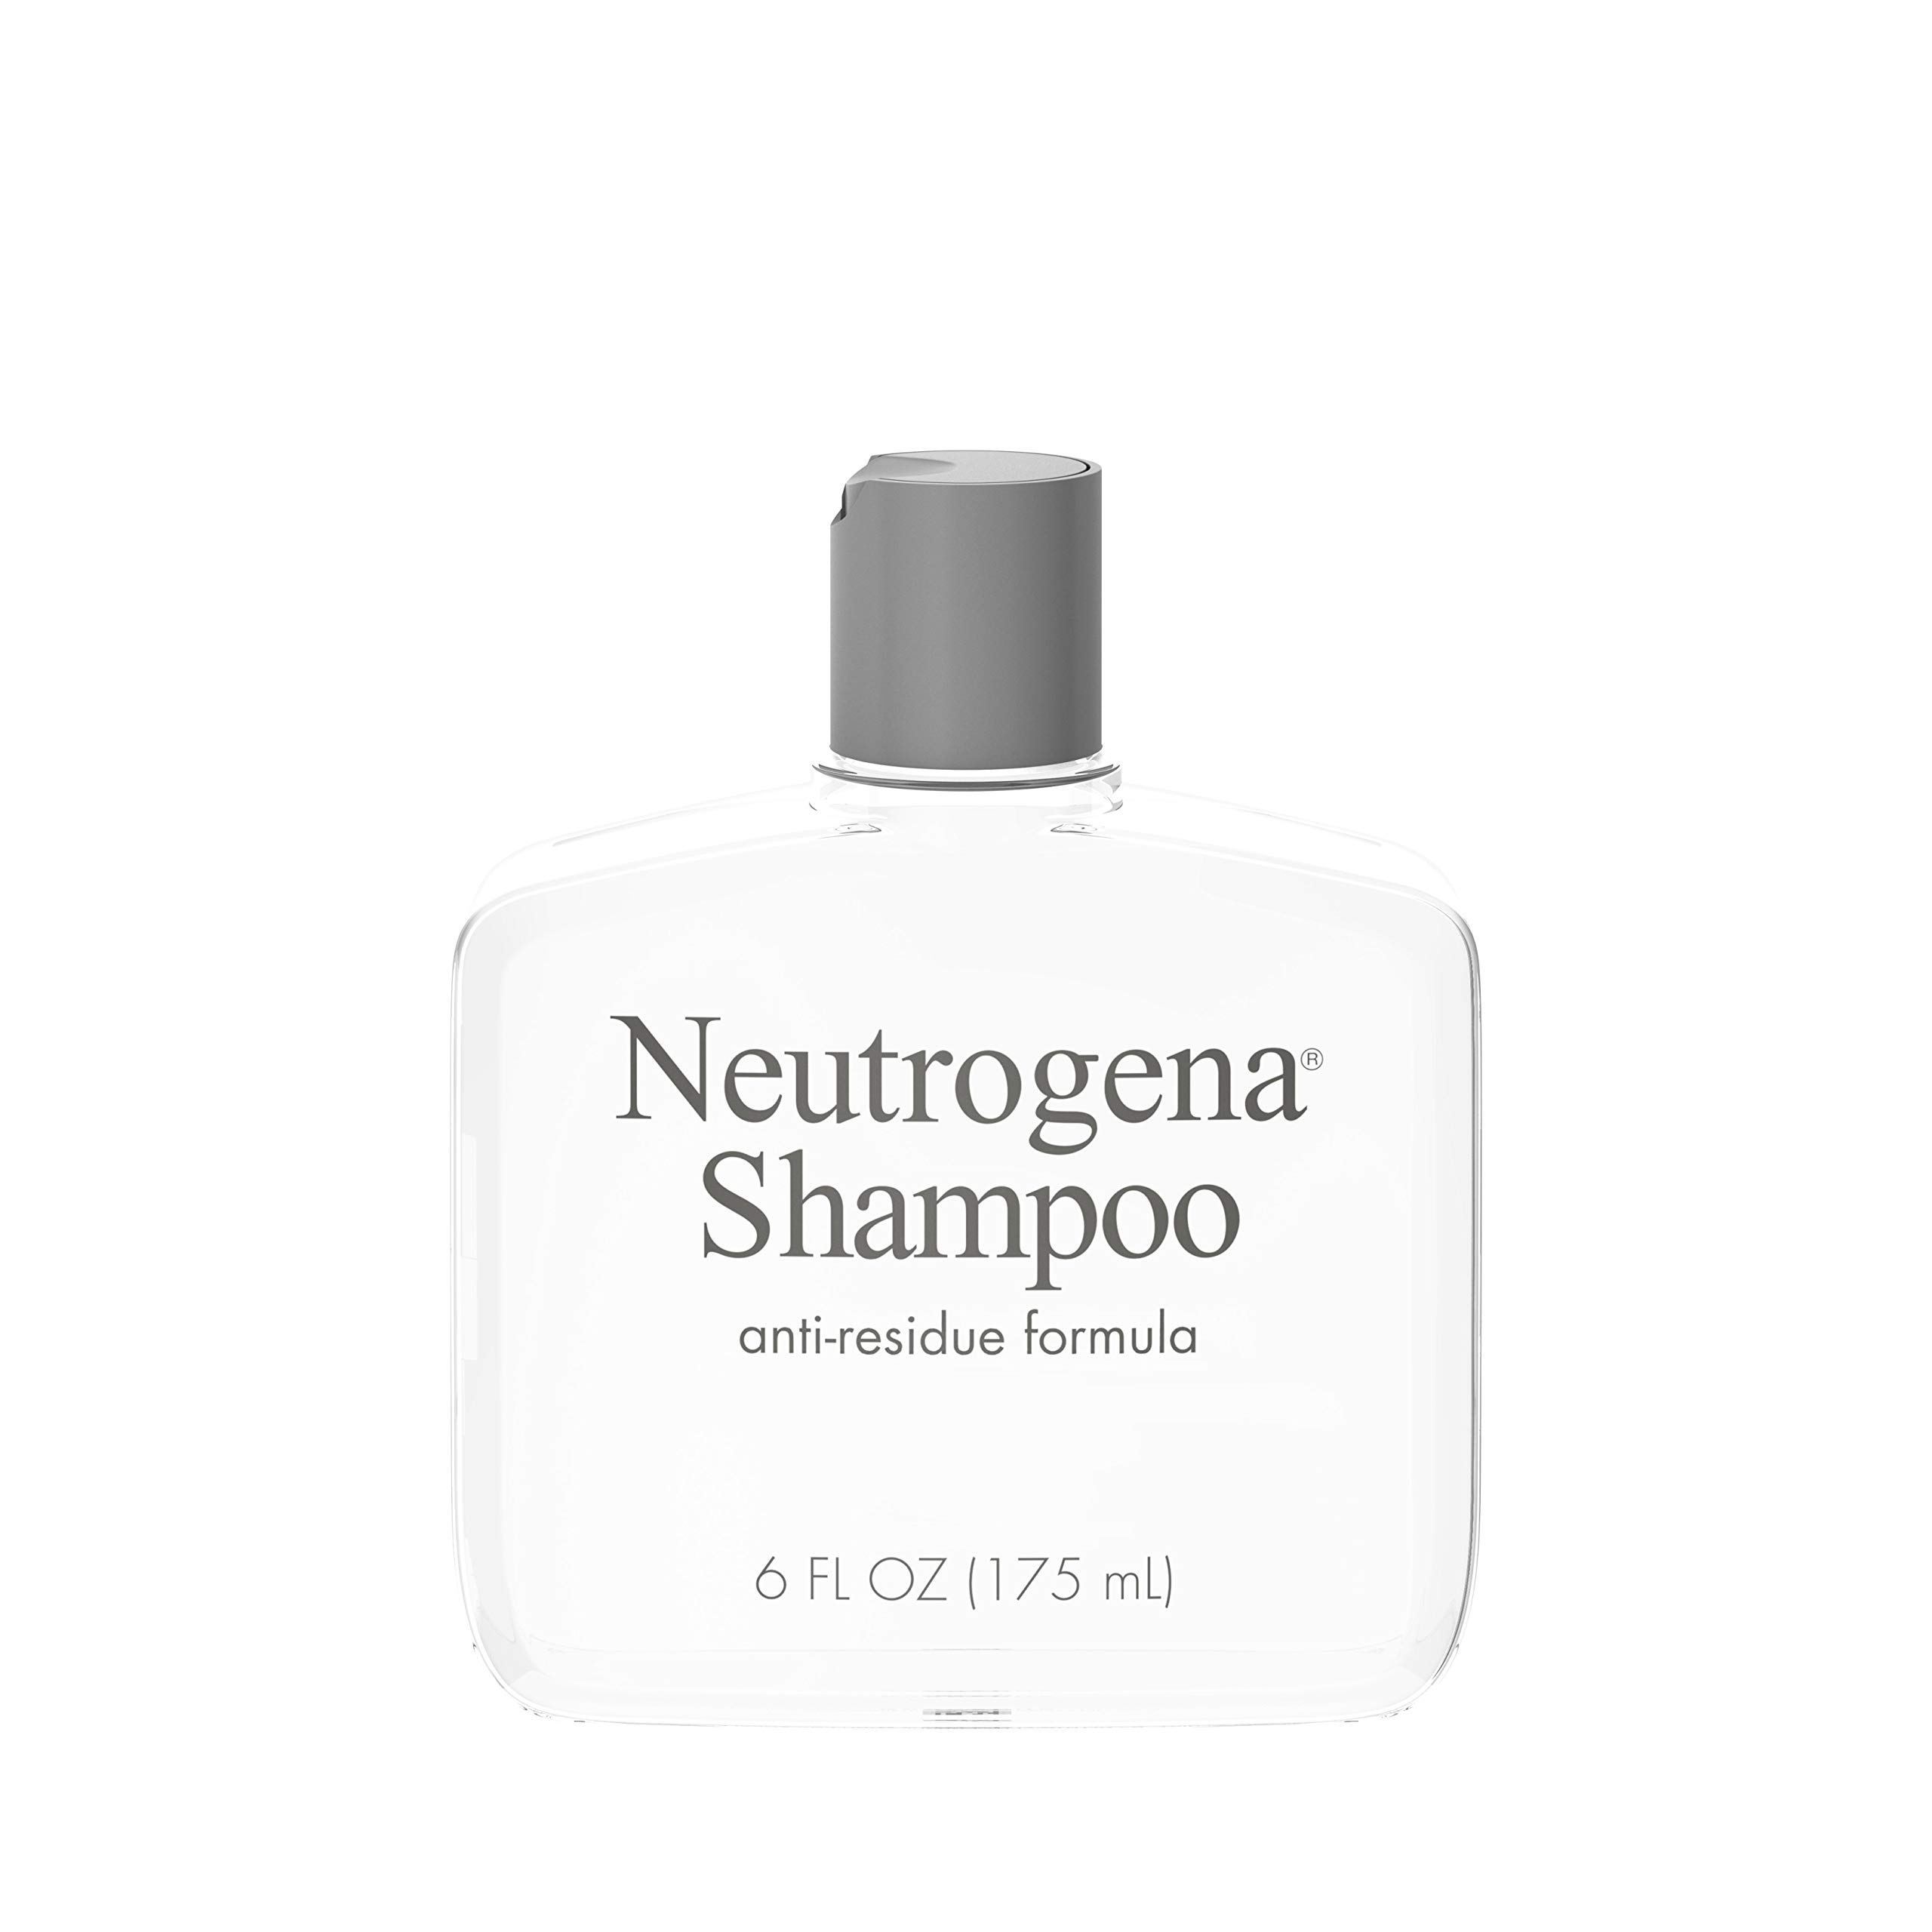 Neutrogena 6 fl. oz